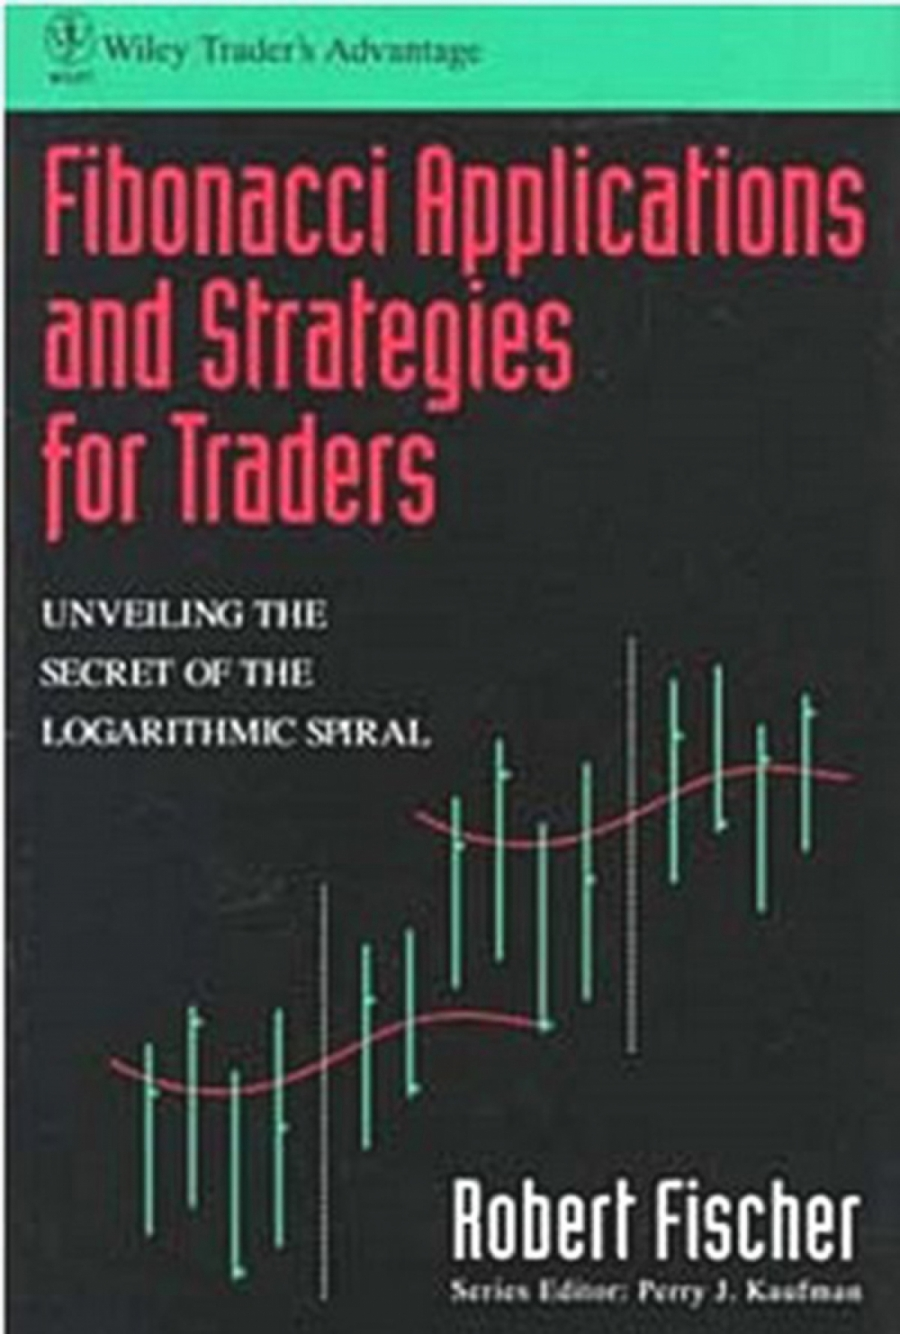 Обложка книги:  роберт фишер - последовательность фибоначчи приложения и стратегии для трейдеров